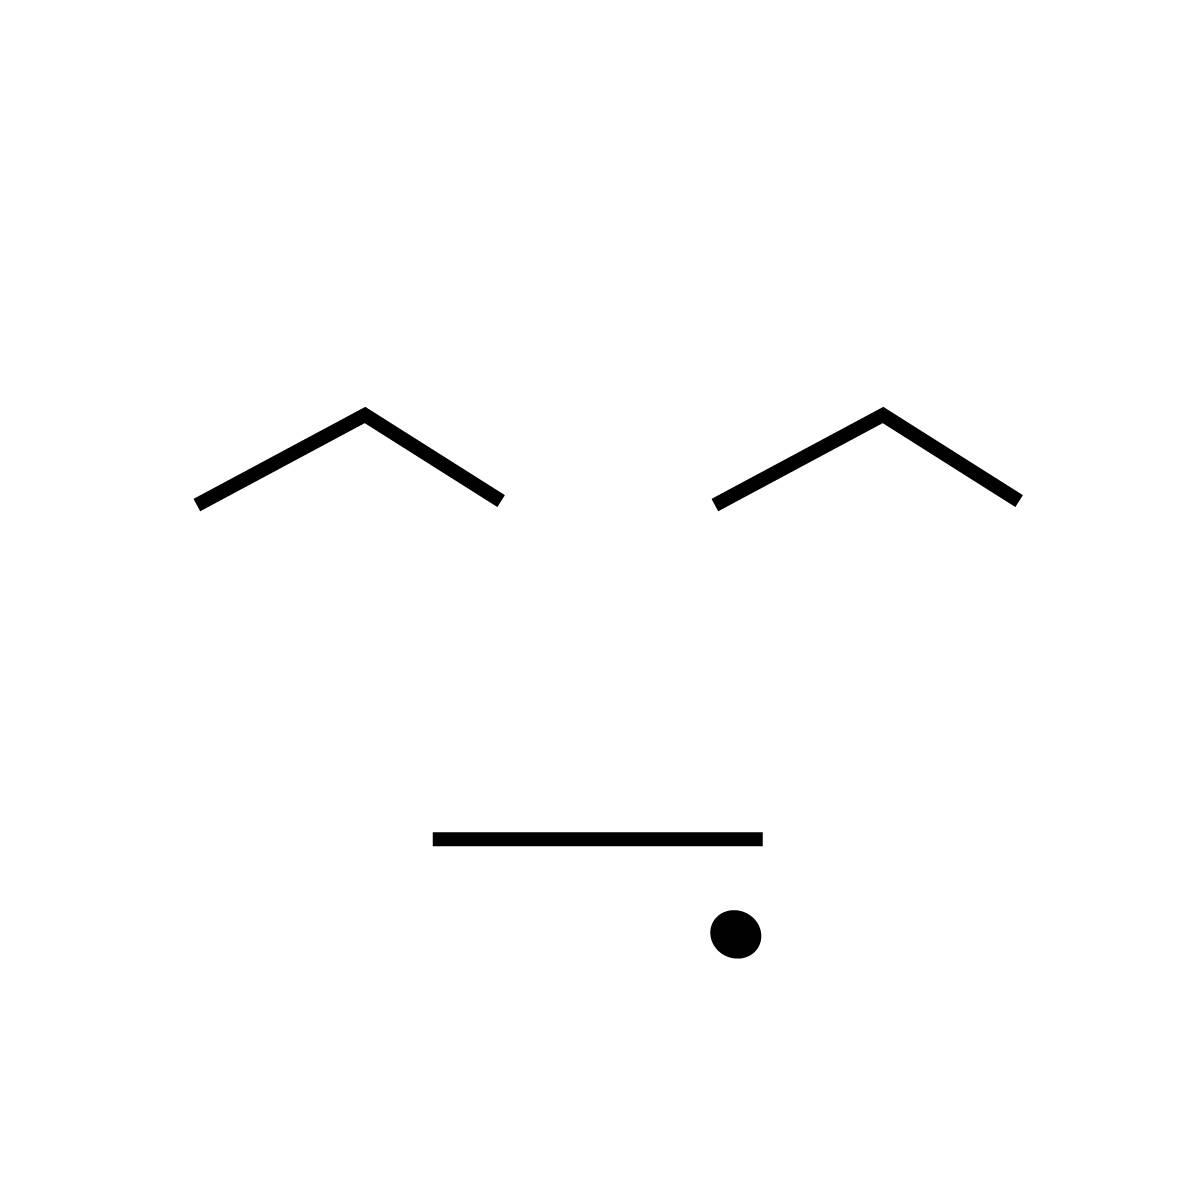 嵐・二宮和也、「顎のホクロ除去疑惑」の真相を明かす